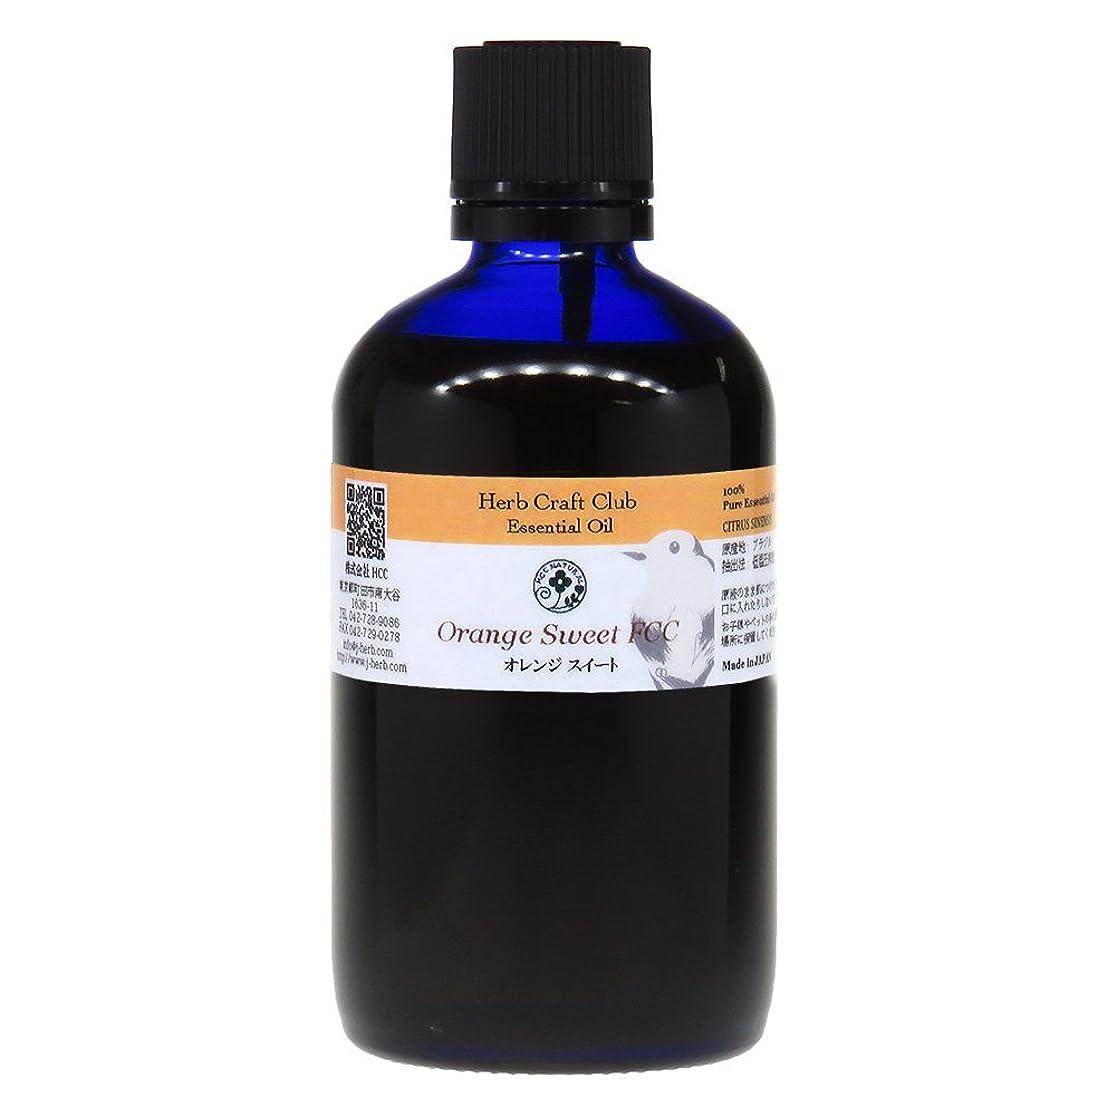 引退した惑星トリップオレンジスイート105ml 100%天然エッセンシャルオイル ※徳用サイズ 卸価格